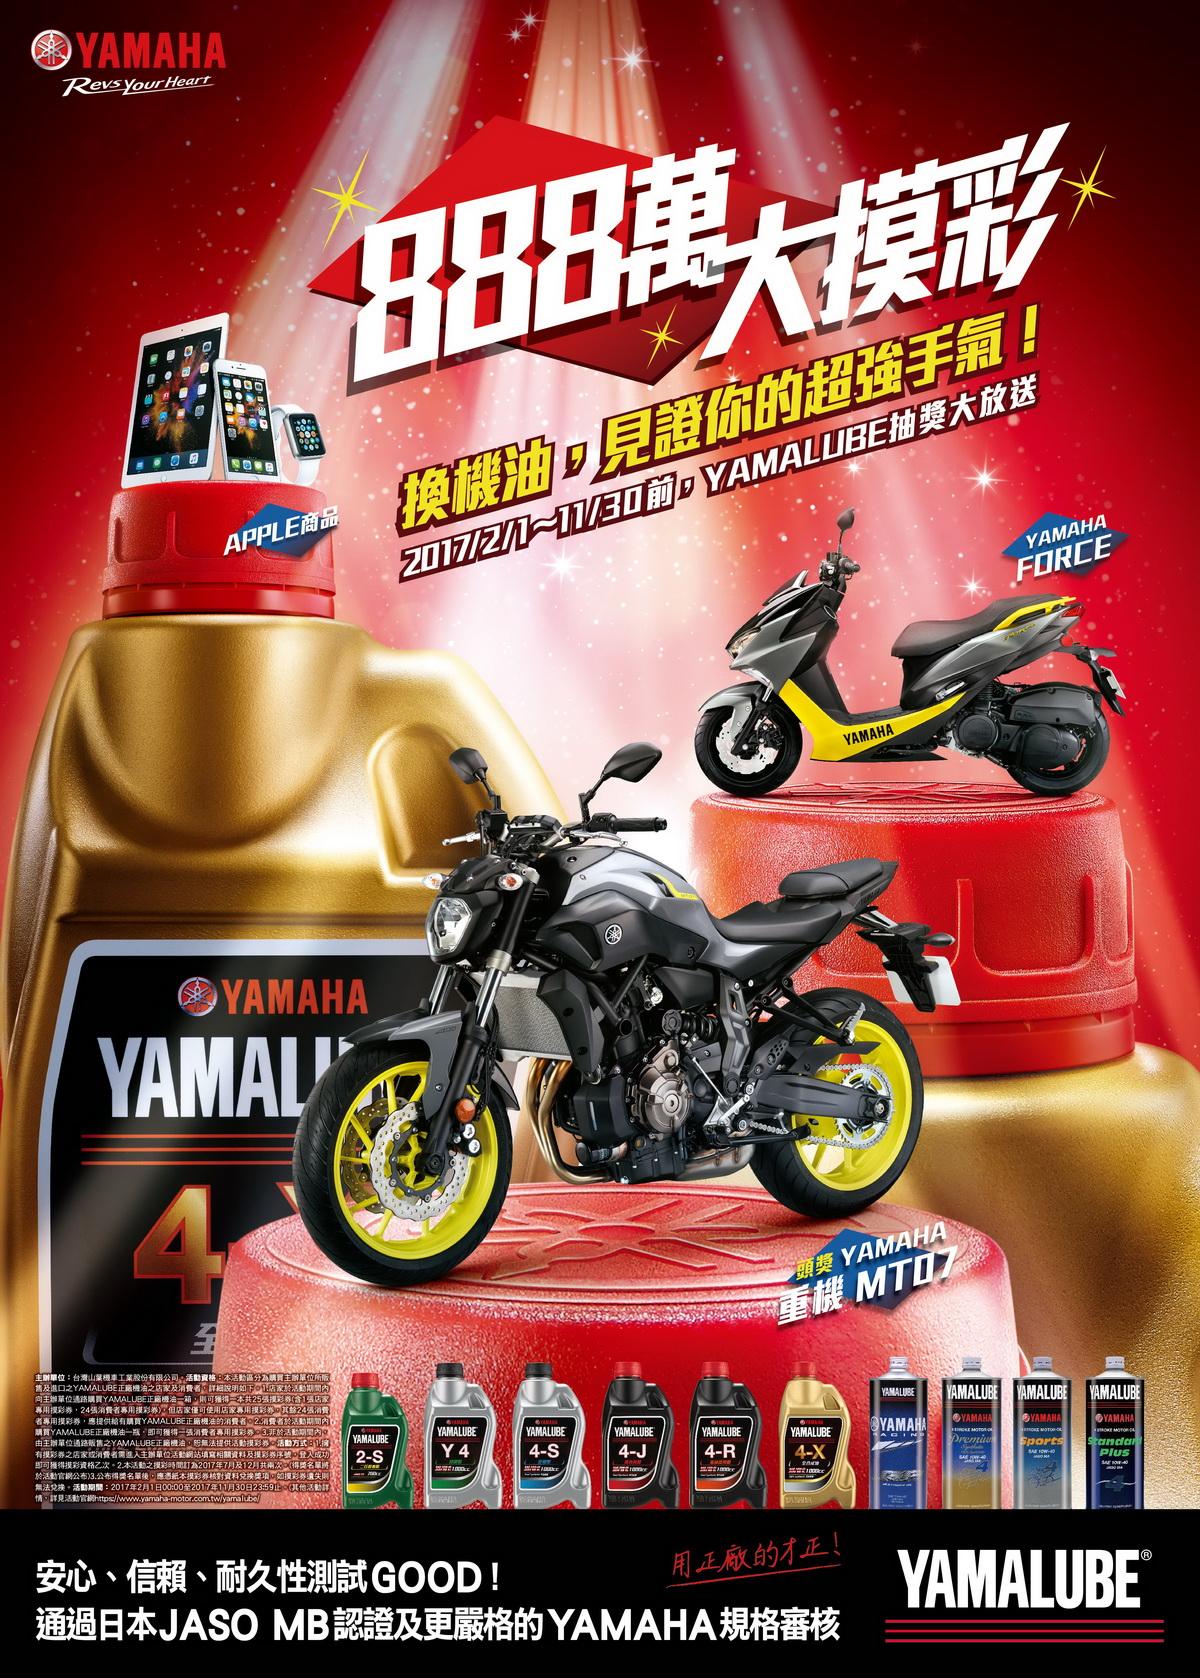 YAMALUBE 2017SP 888萬大摸彩 (2).jpg